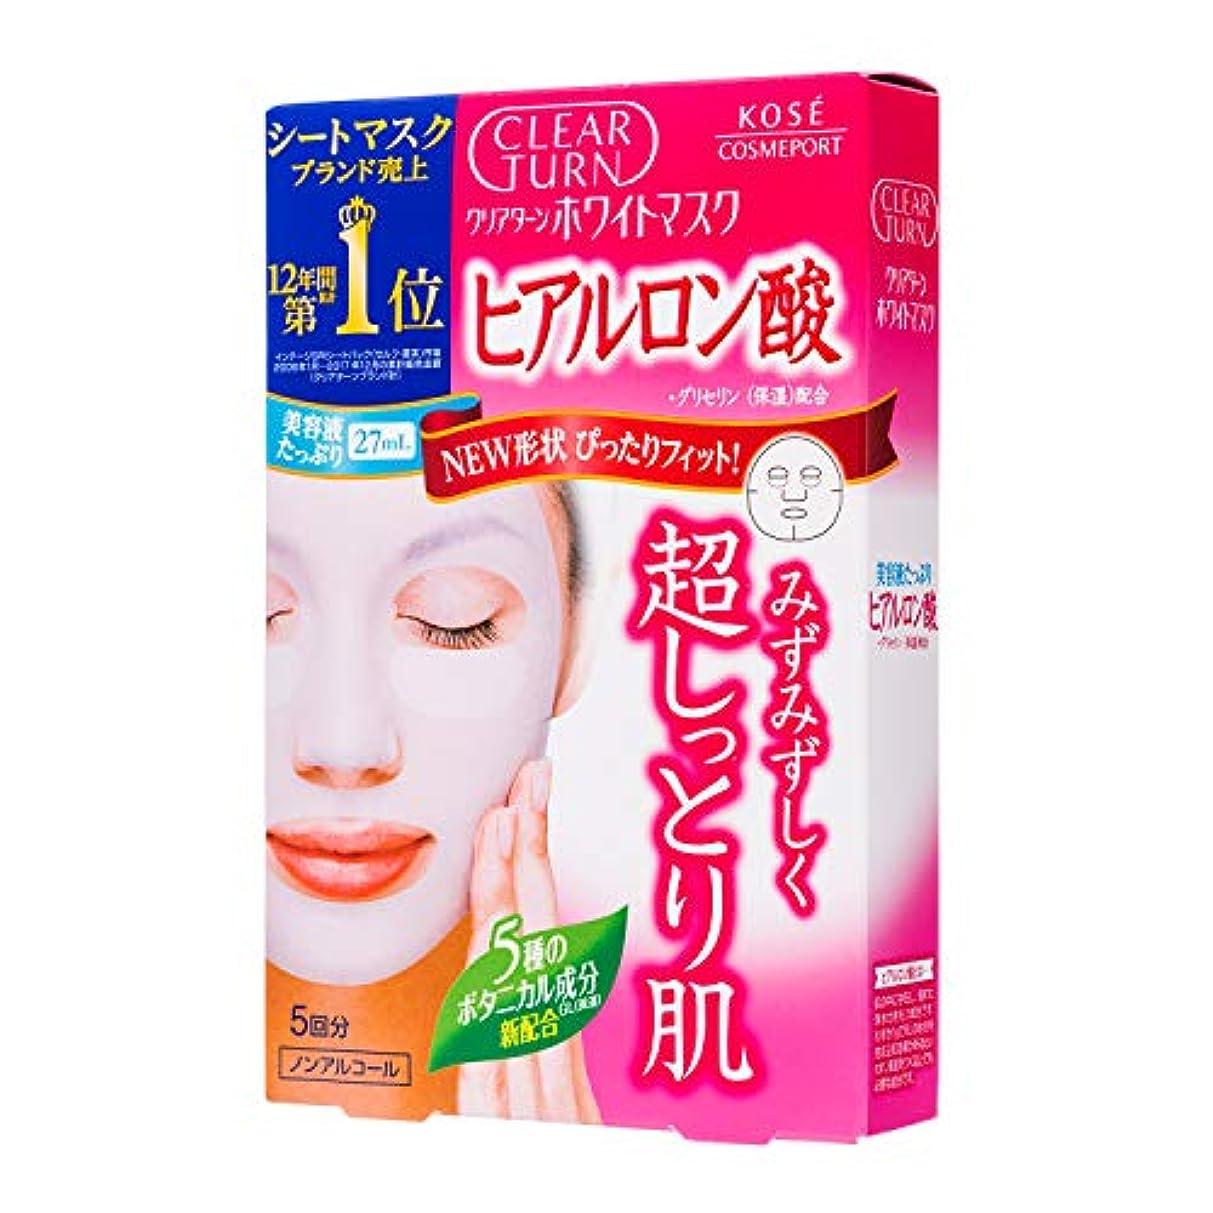 適用済みフランクワースリー浴KOSE コーセー クリアターン ホワイト マスク HA (ヒアルロン酸) 5回分 (22mL×5)